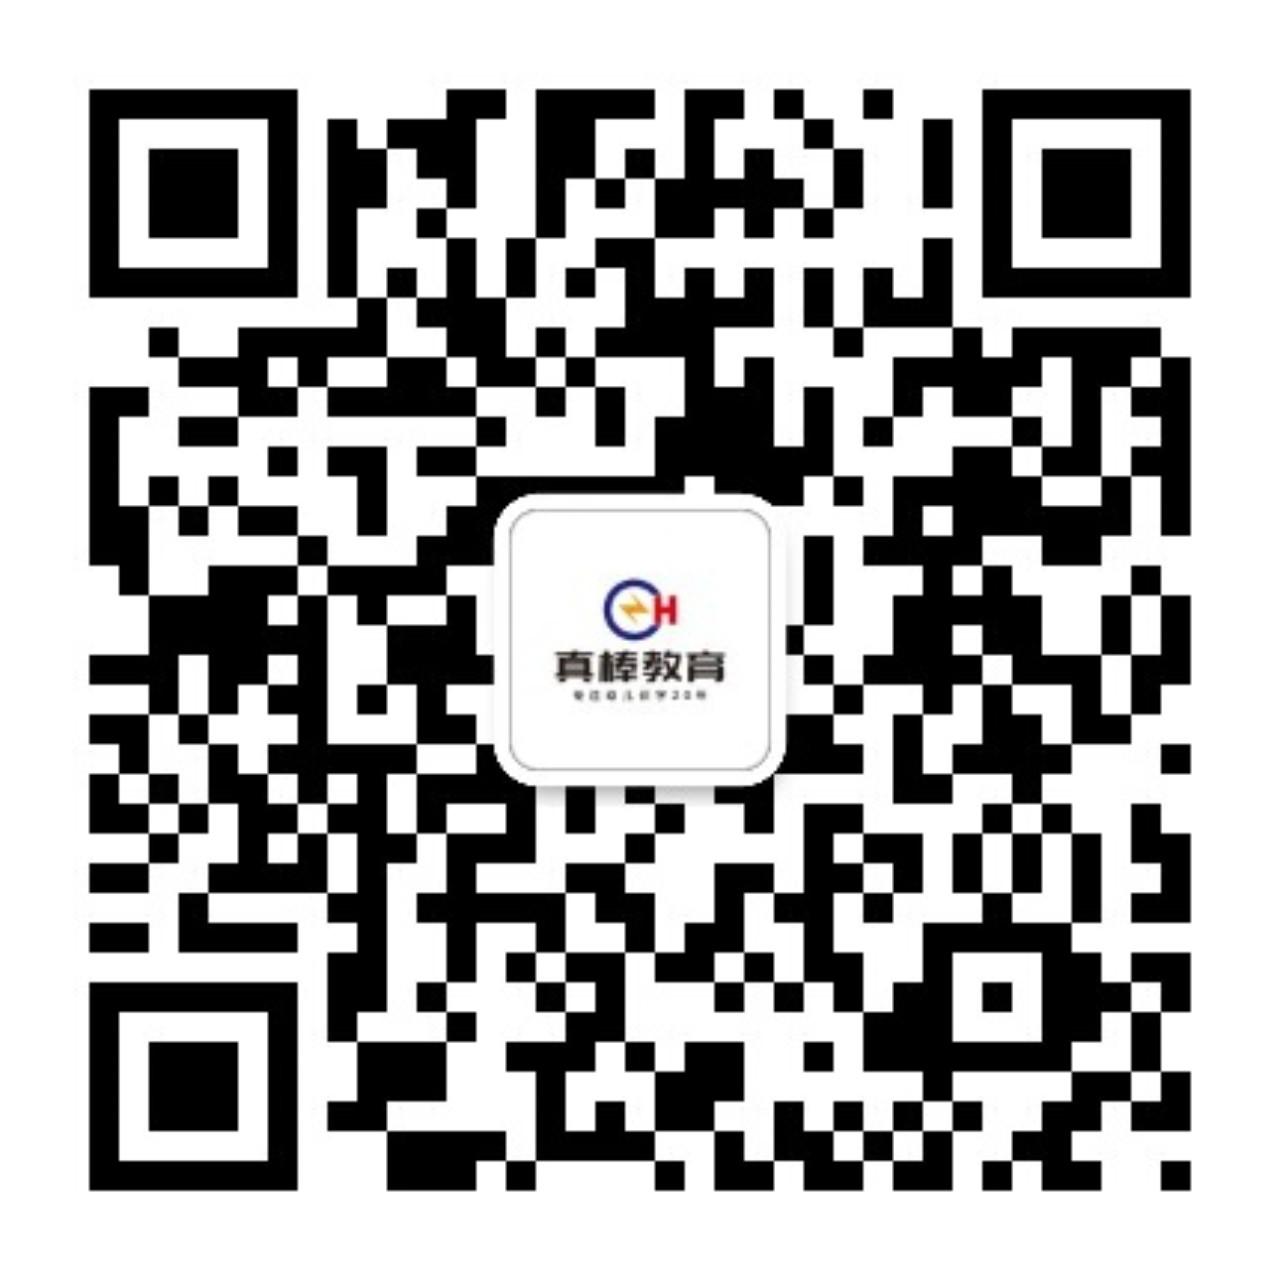 竞博电竞——欢迎进入服务号